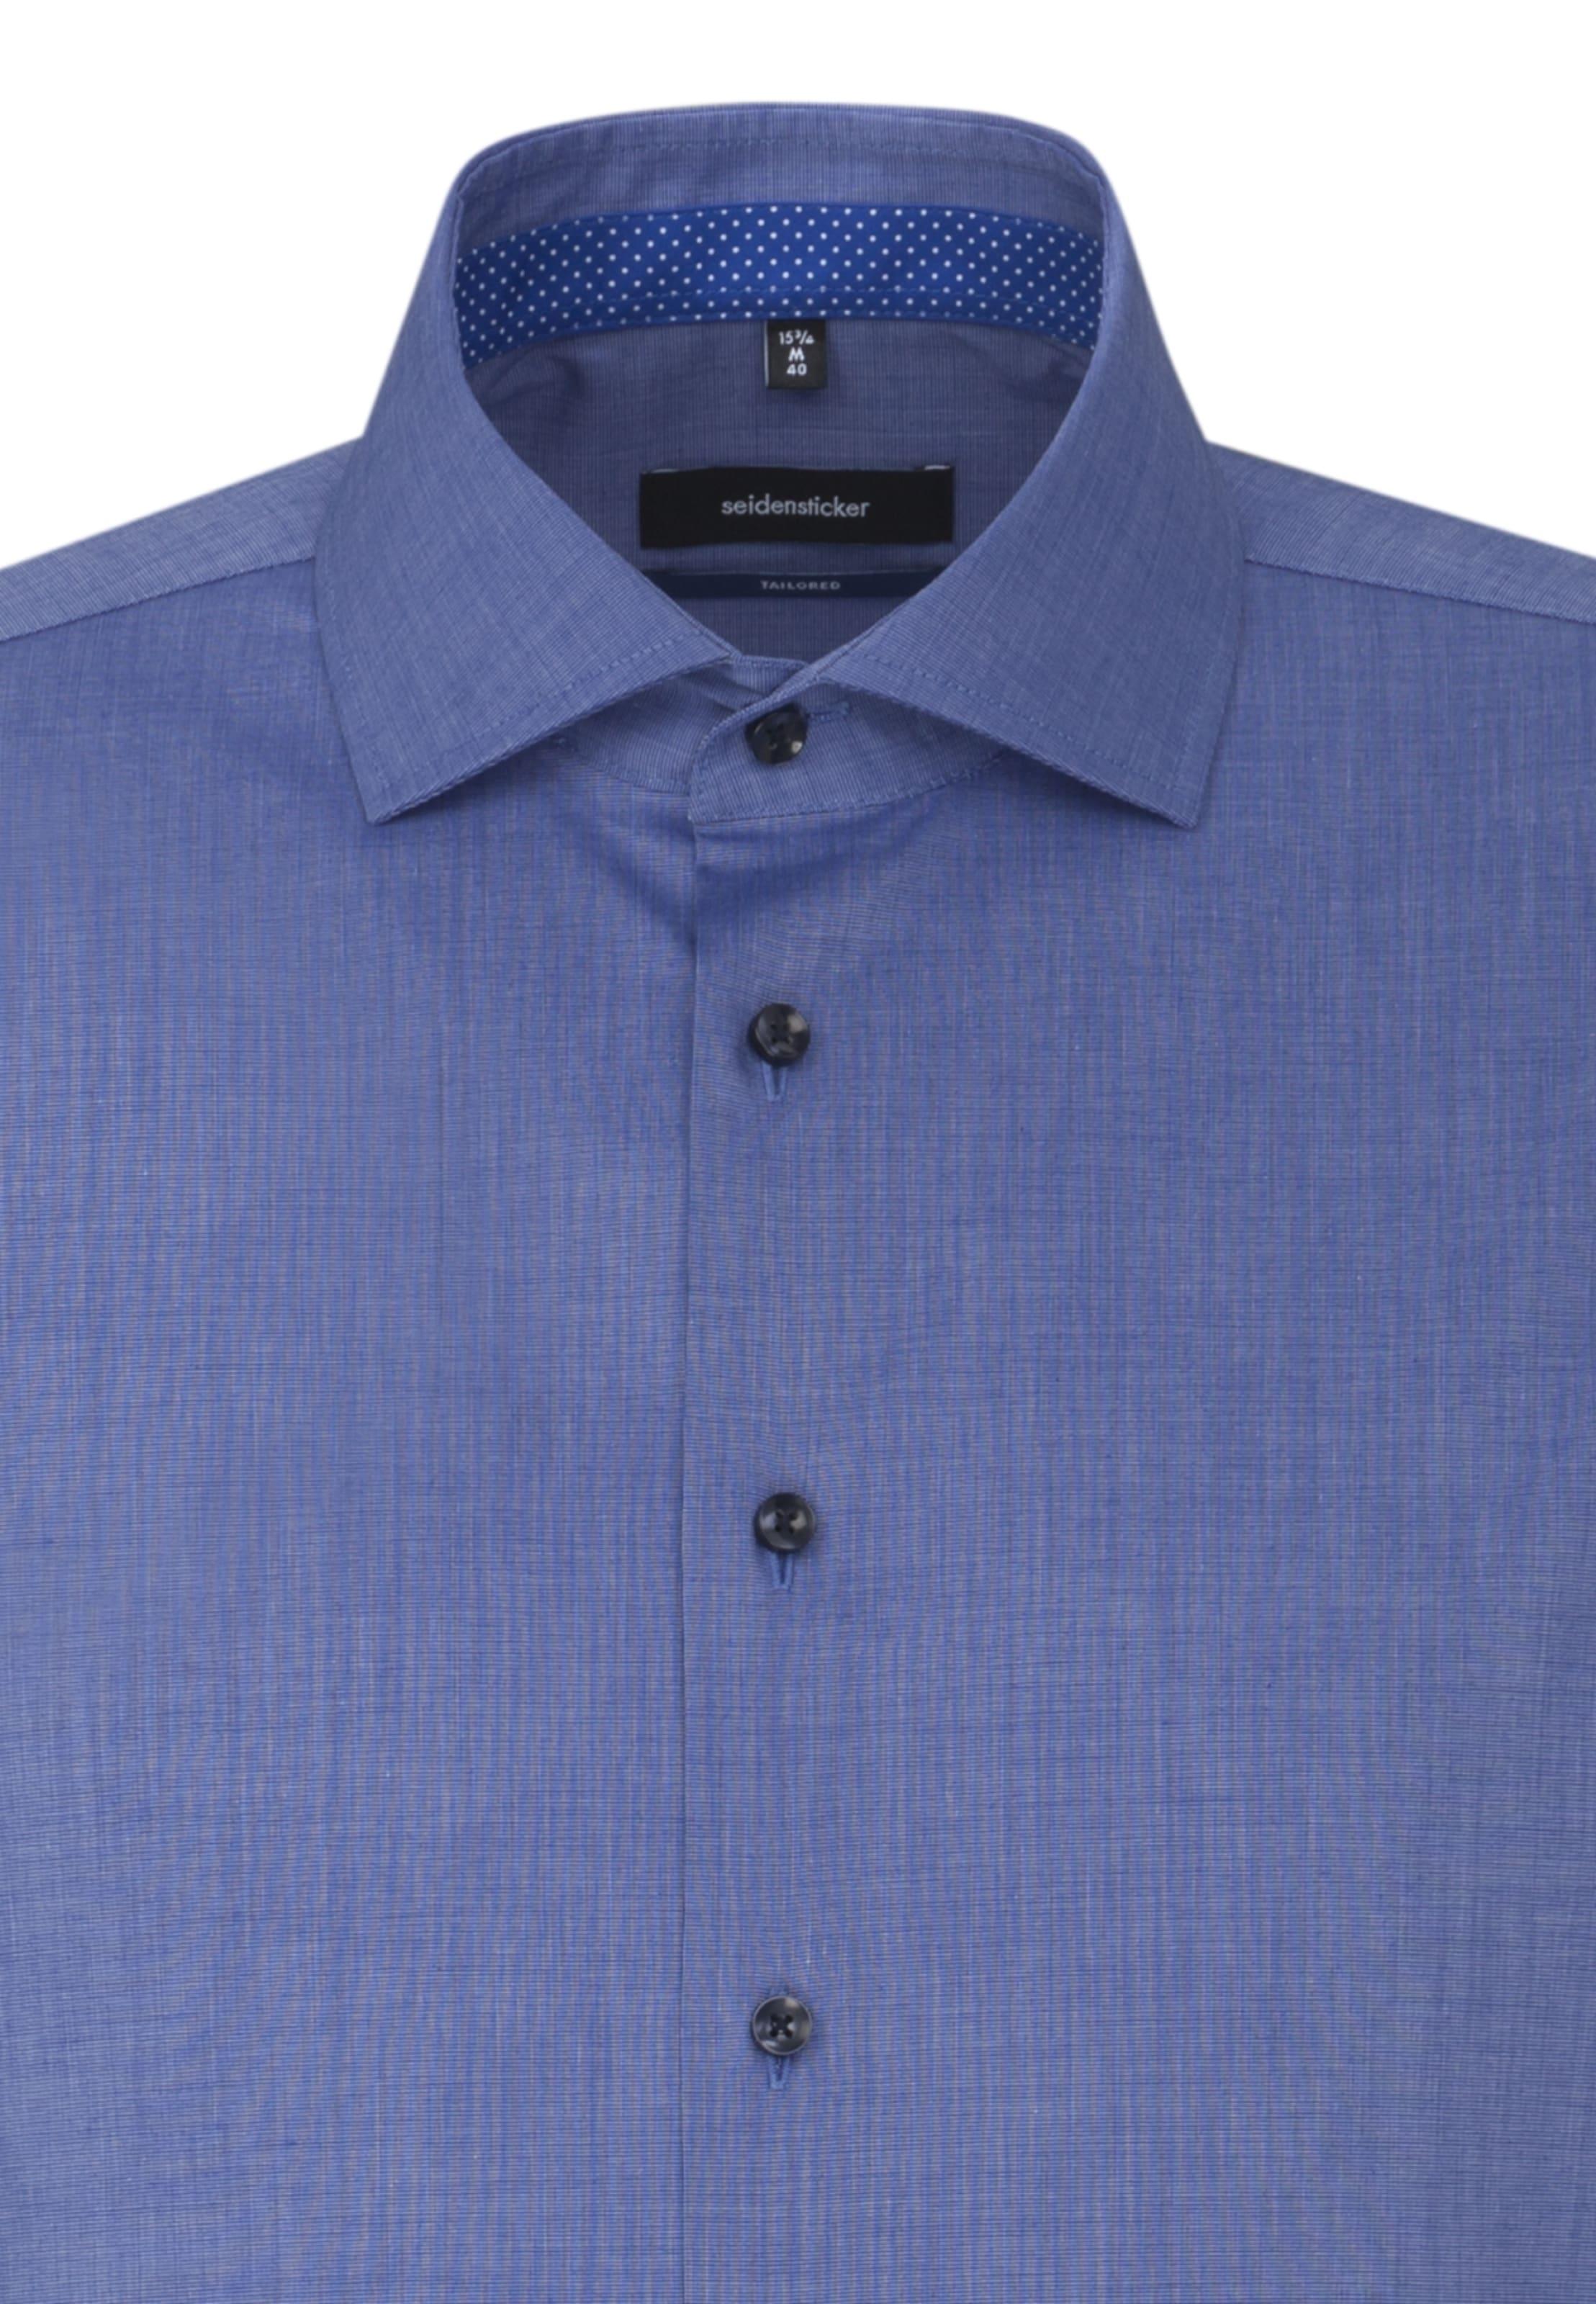 'tailored' Hemd In 'tailored' Seidensticker Blau Seidensticker Hemd Blau In rhdCxotQBs